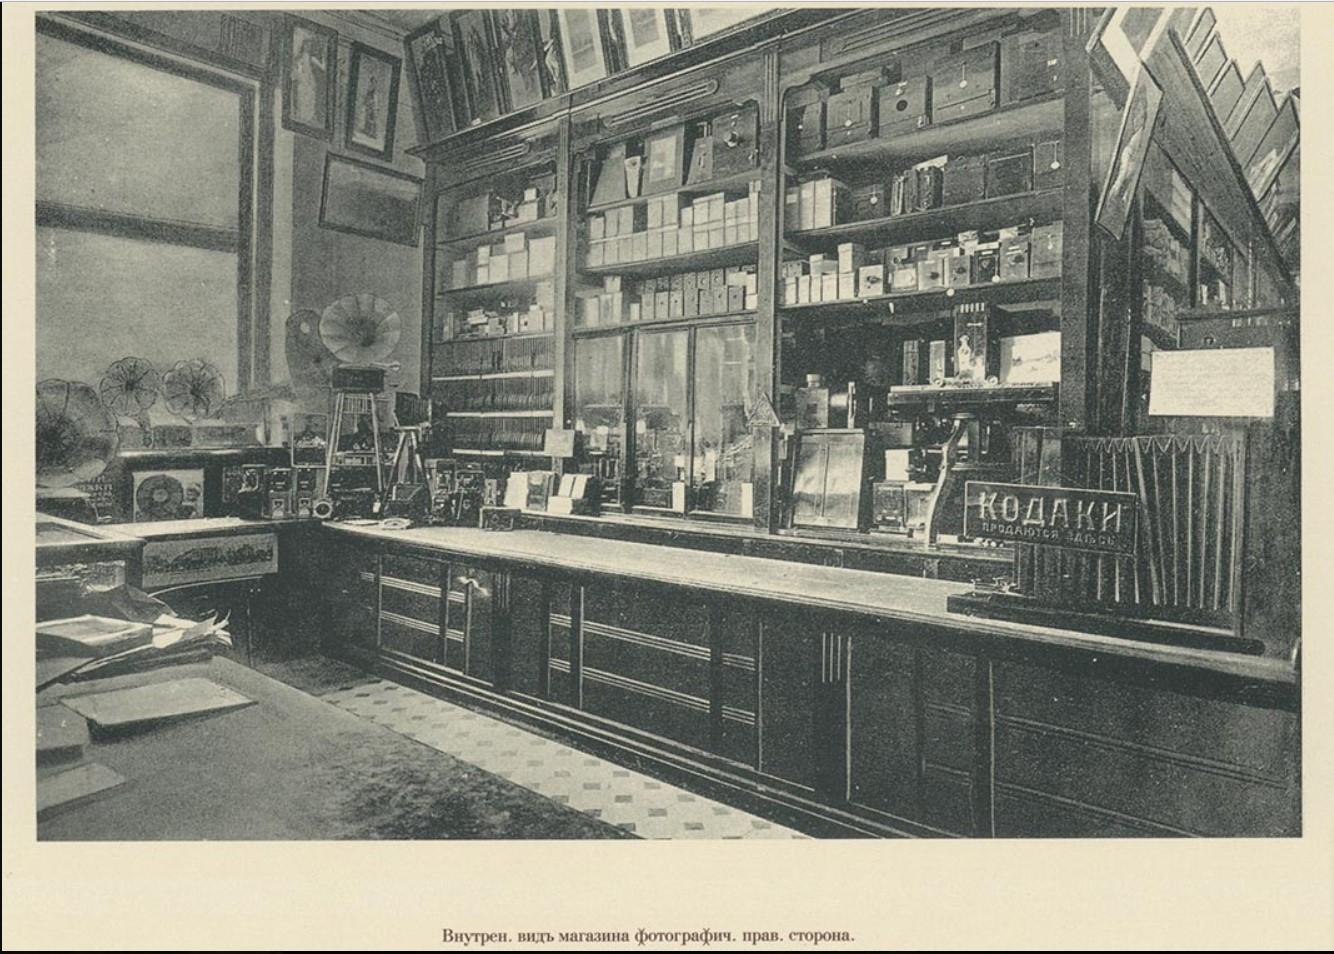 05. Внутренний вид магазина. Фотографическая правая сторона